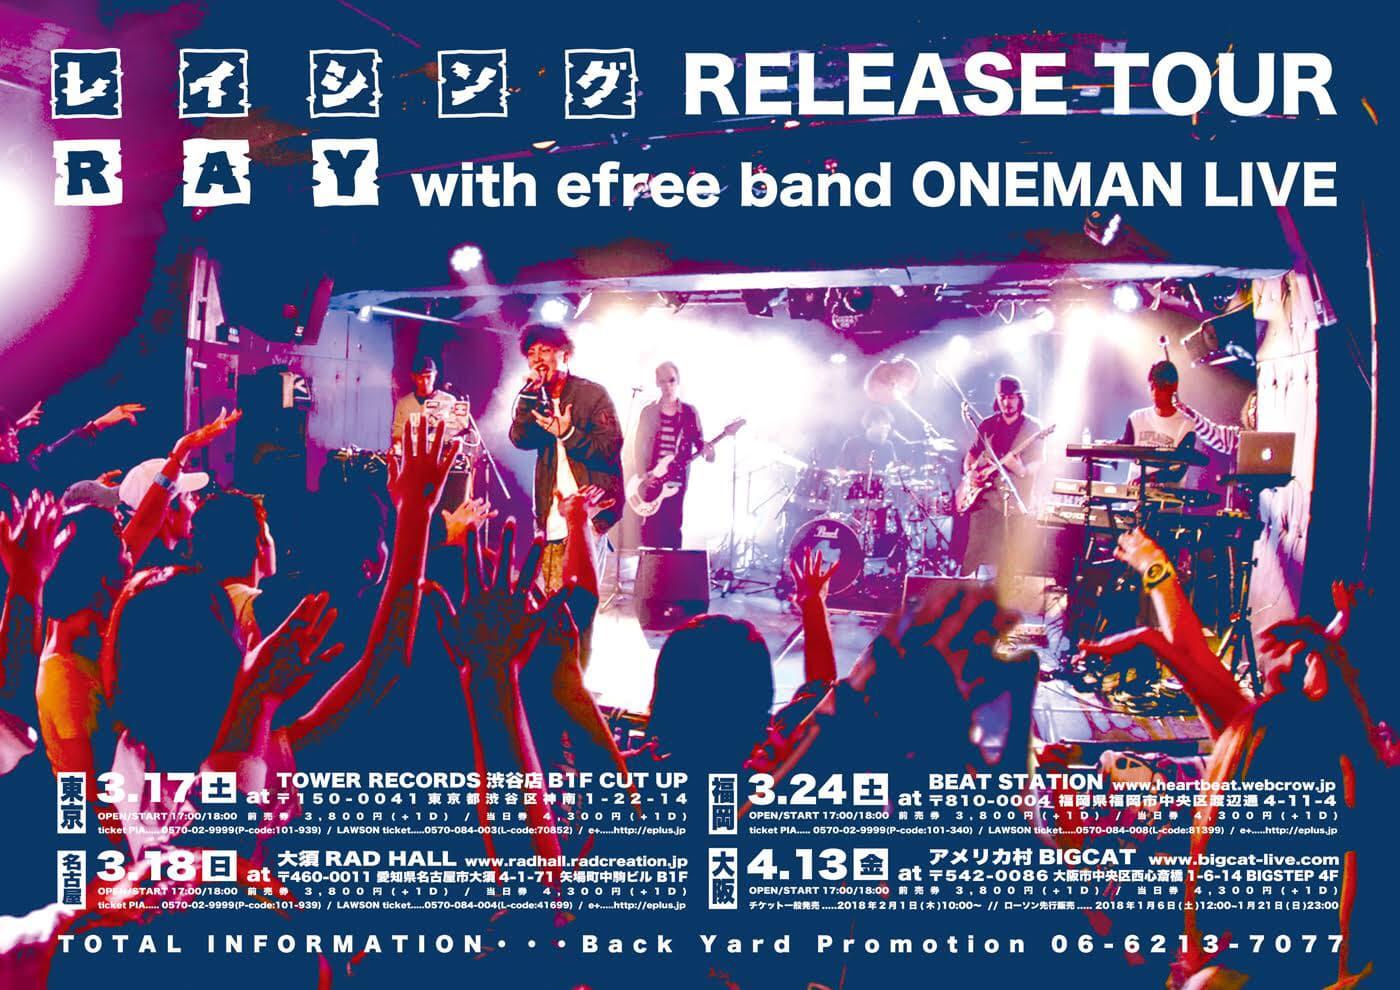 2017.12.01 レイシング RELEASE TOUR Final in OSAKAの詳細を公開